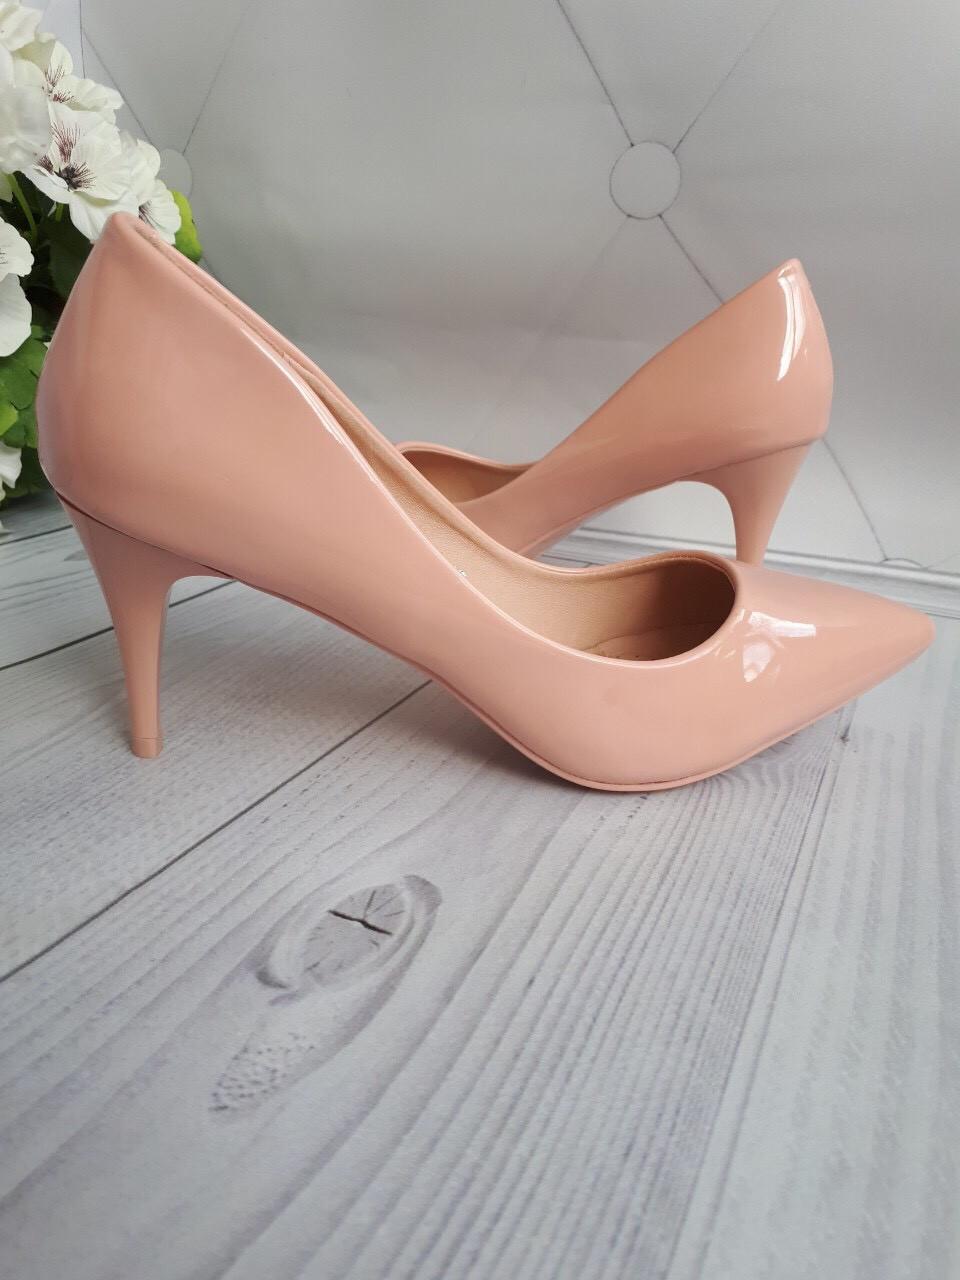 6d501dc7b Туфли женские лодочки шпилька 8см средний каблук - интернет-магазин обуви